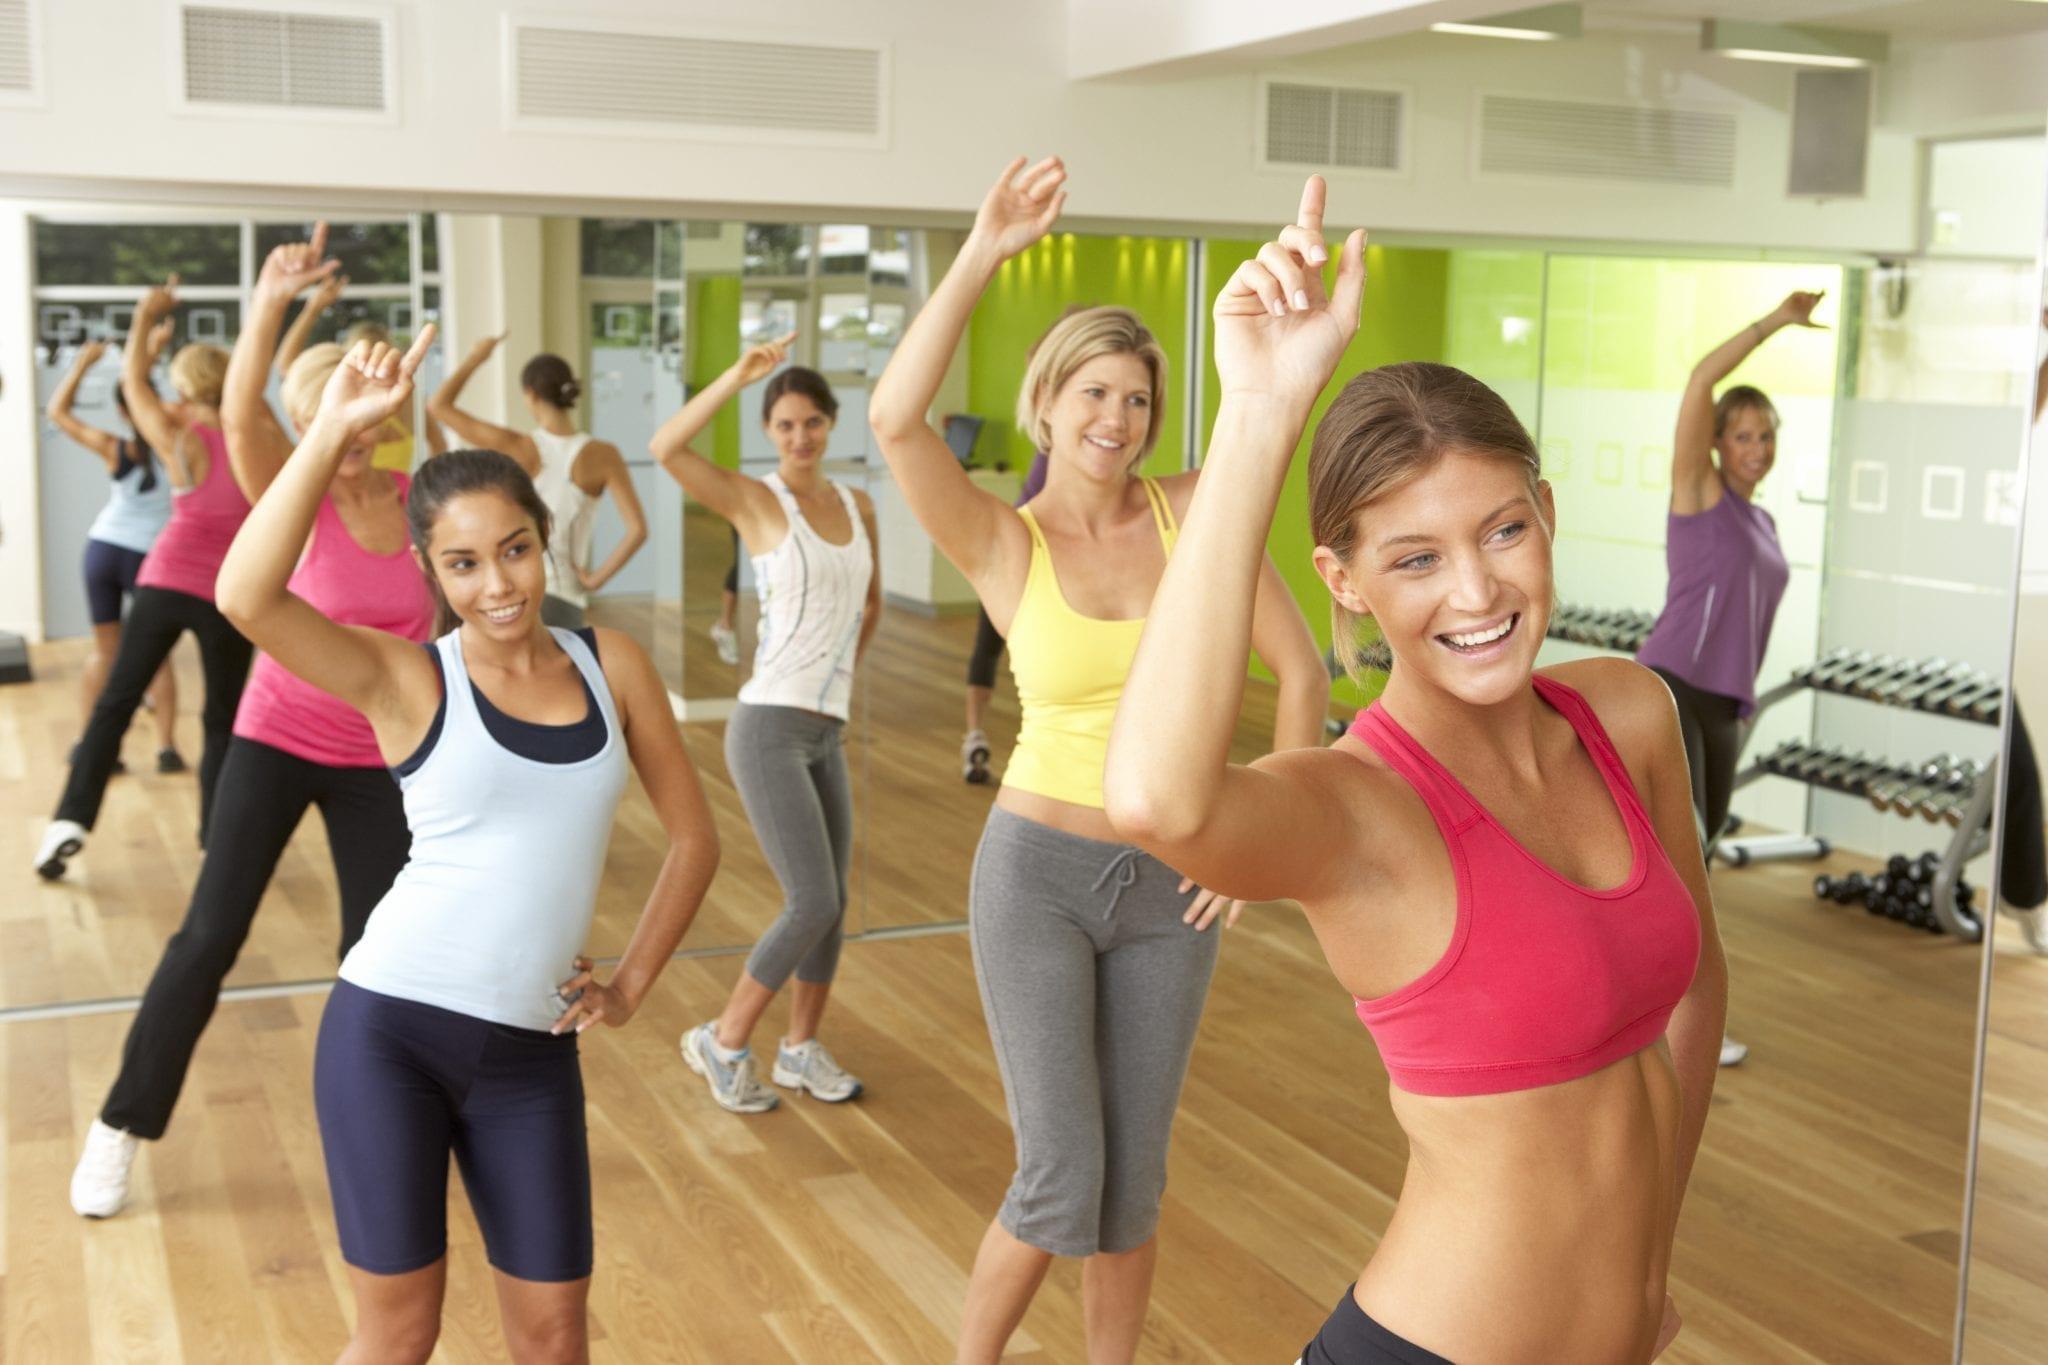 6 woman dancing